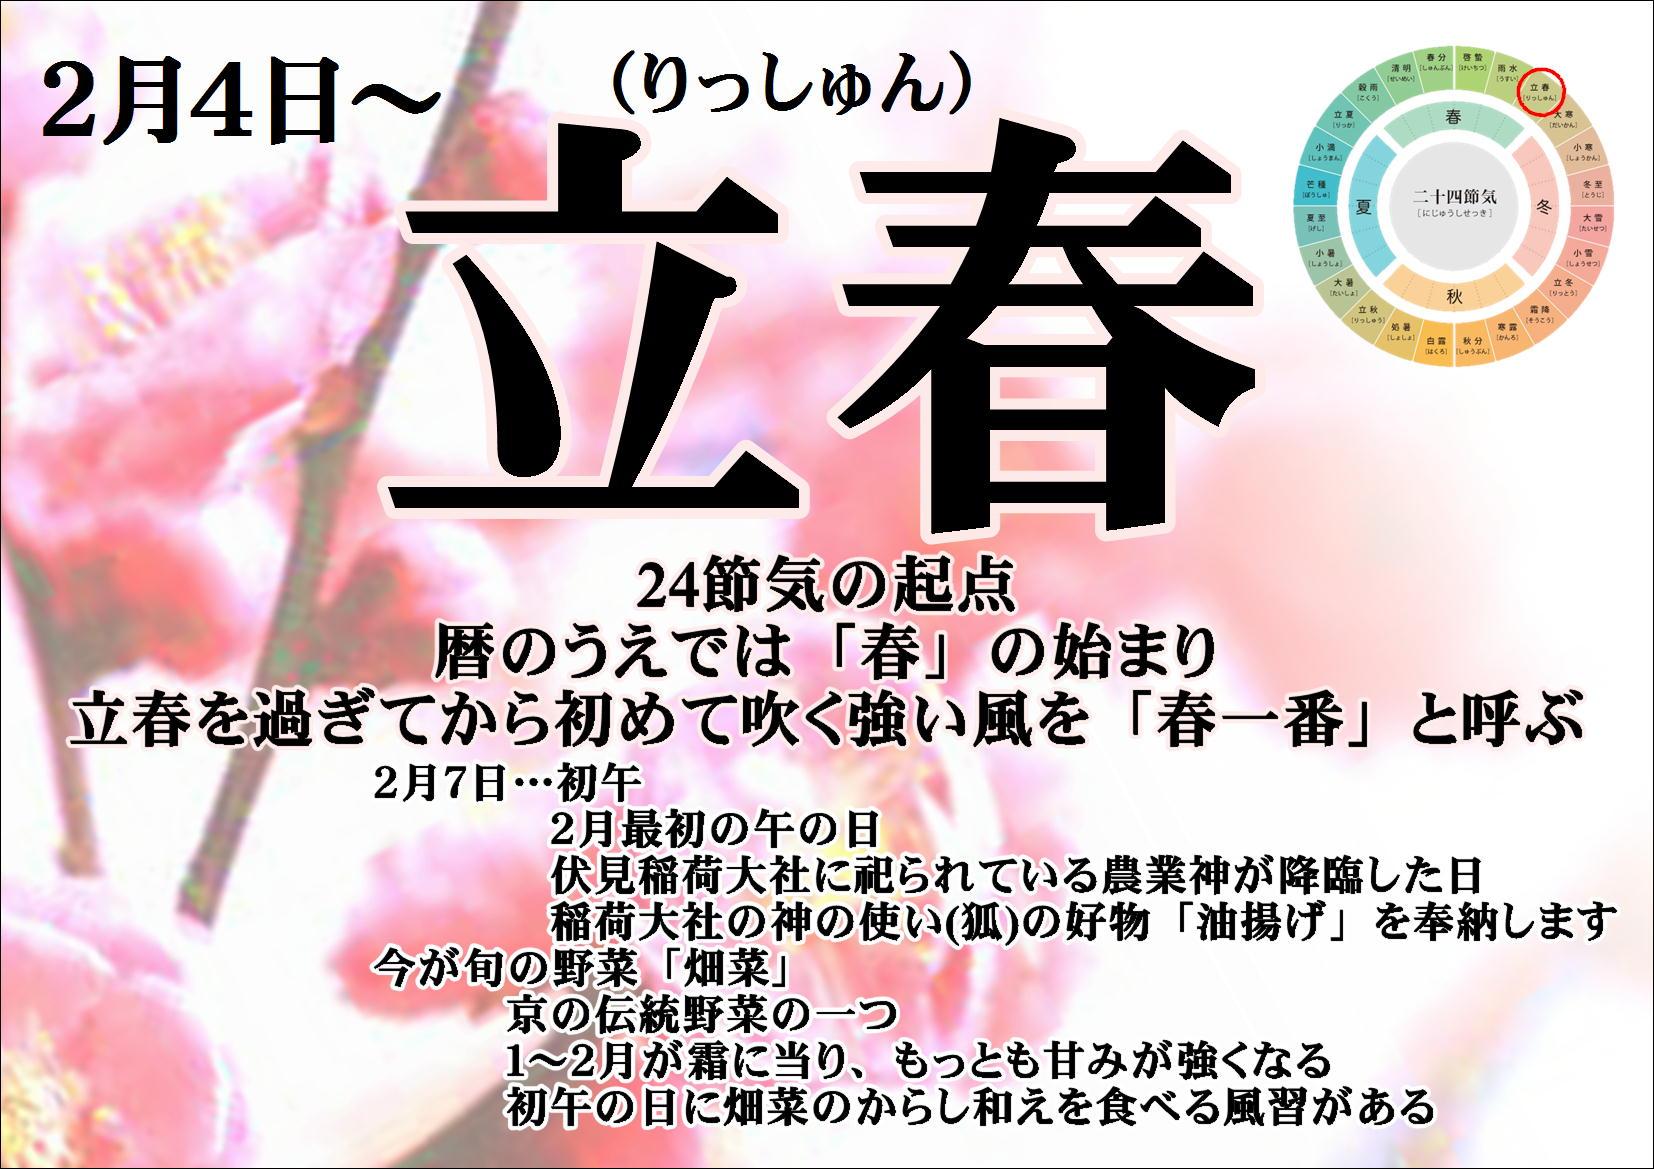 2/4(日)~2/18(日)はじねんとの日「立春(りっしゅん)」です